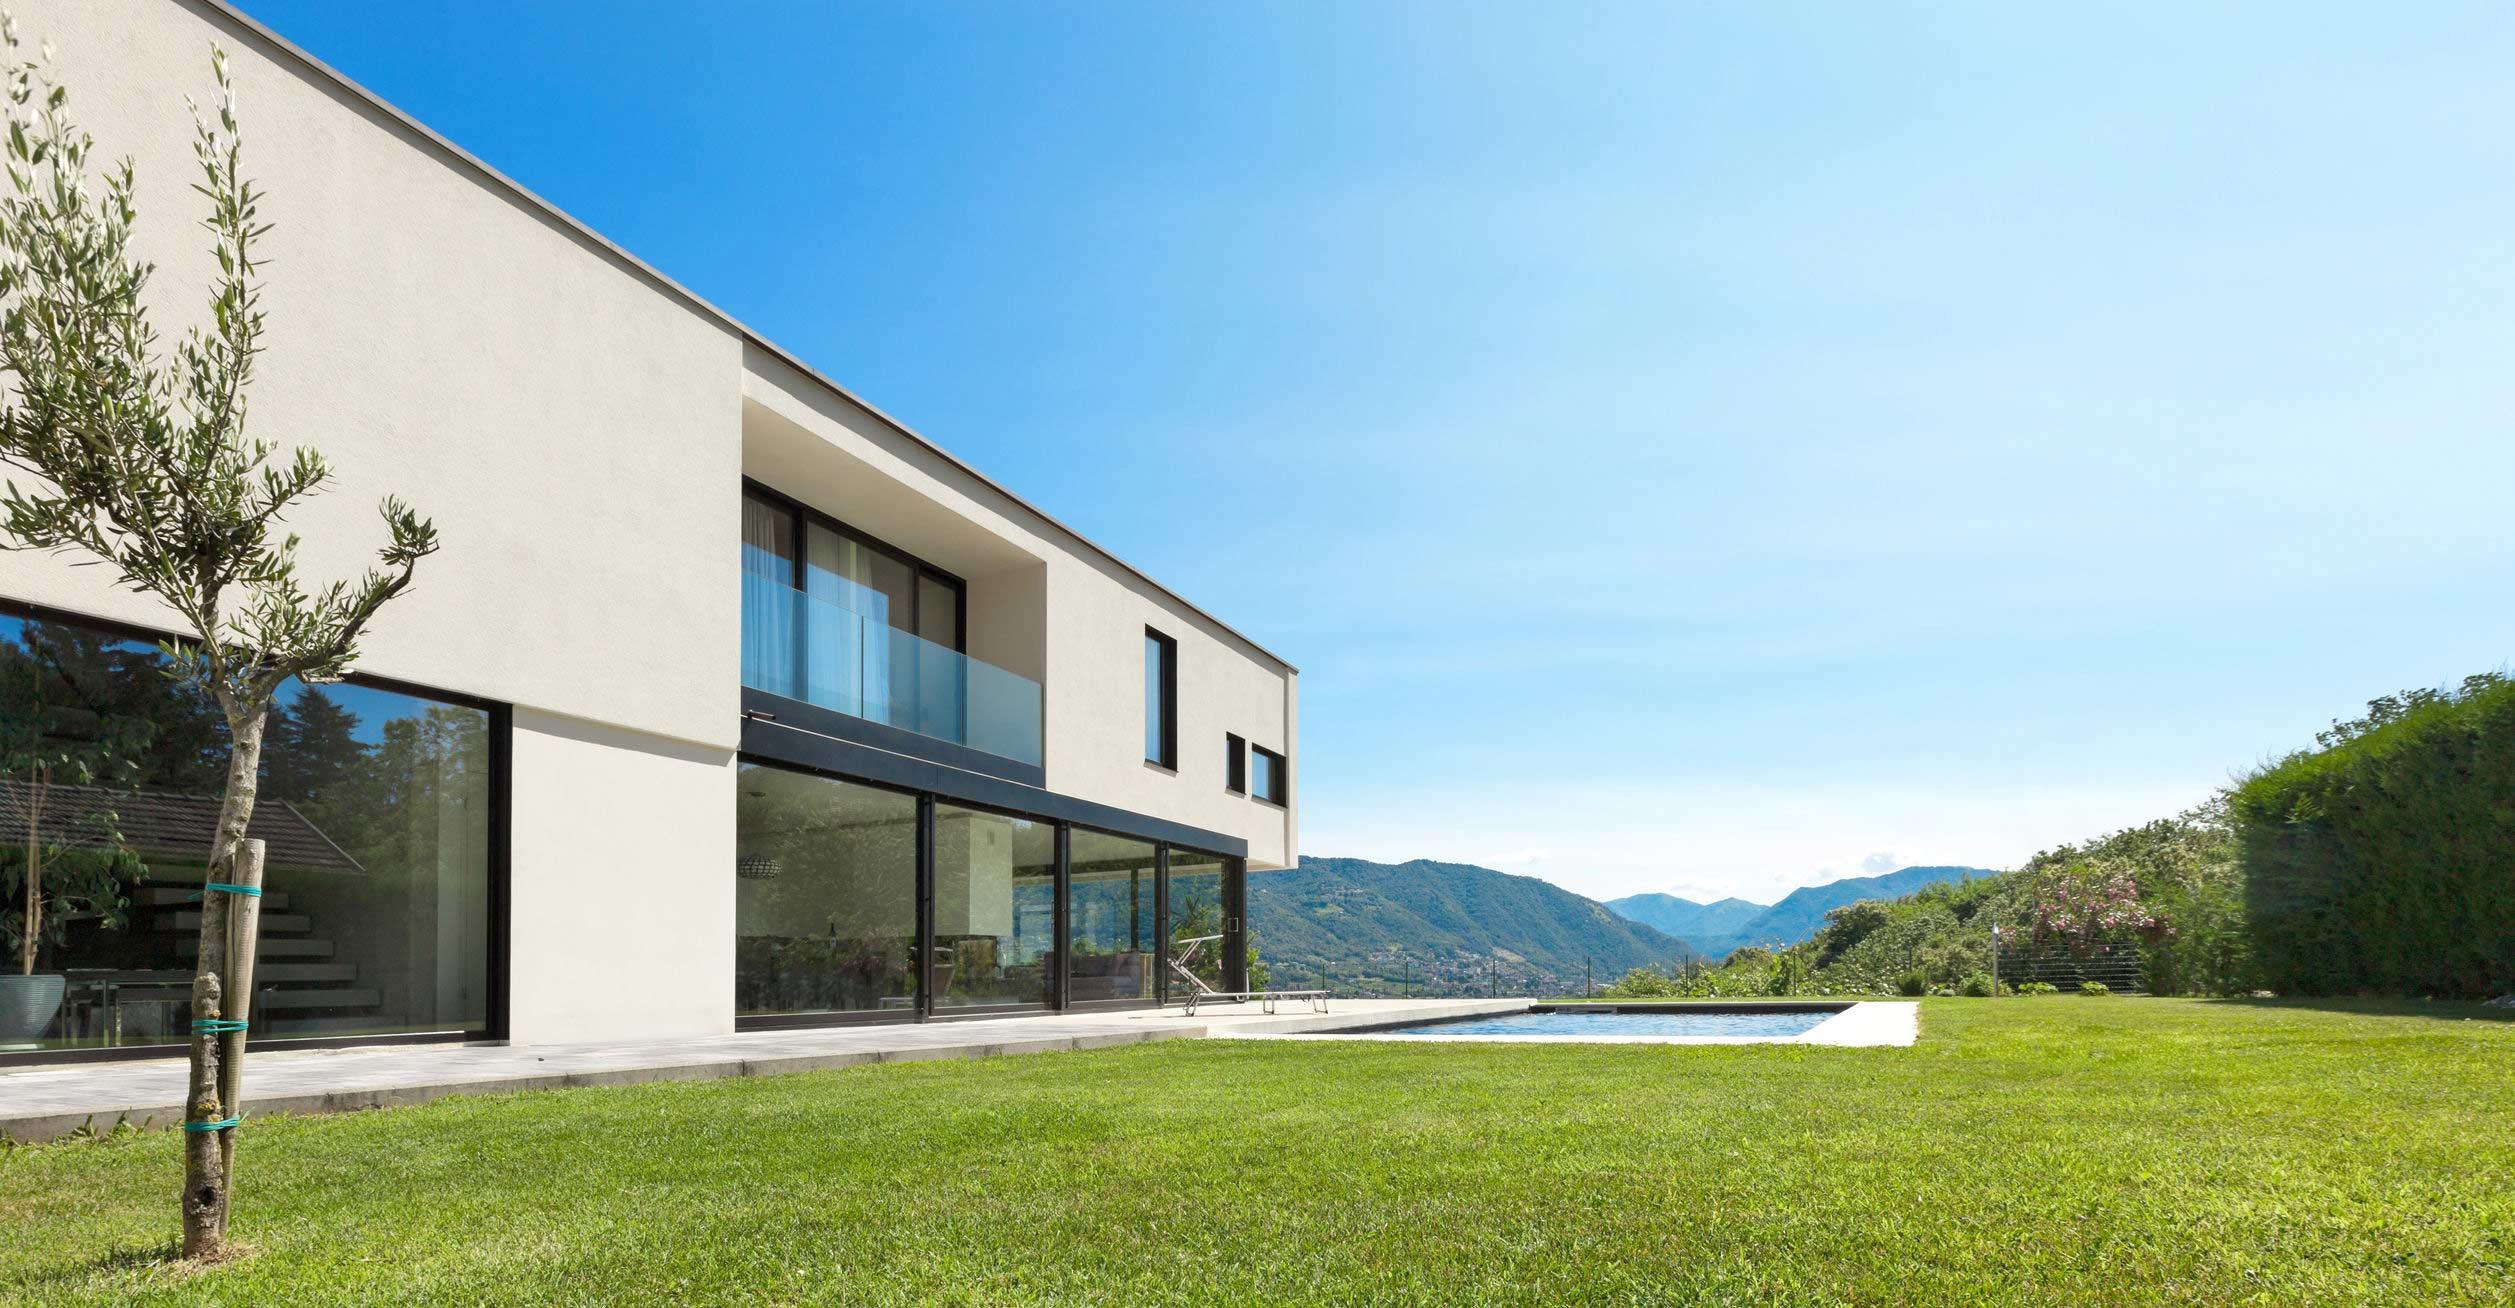 Fassade mit Glastür